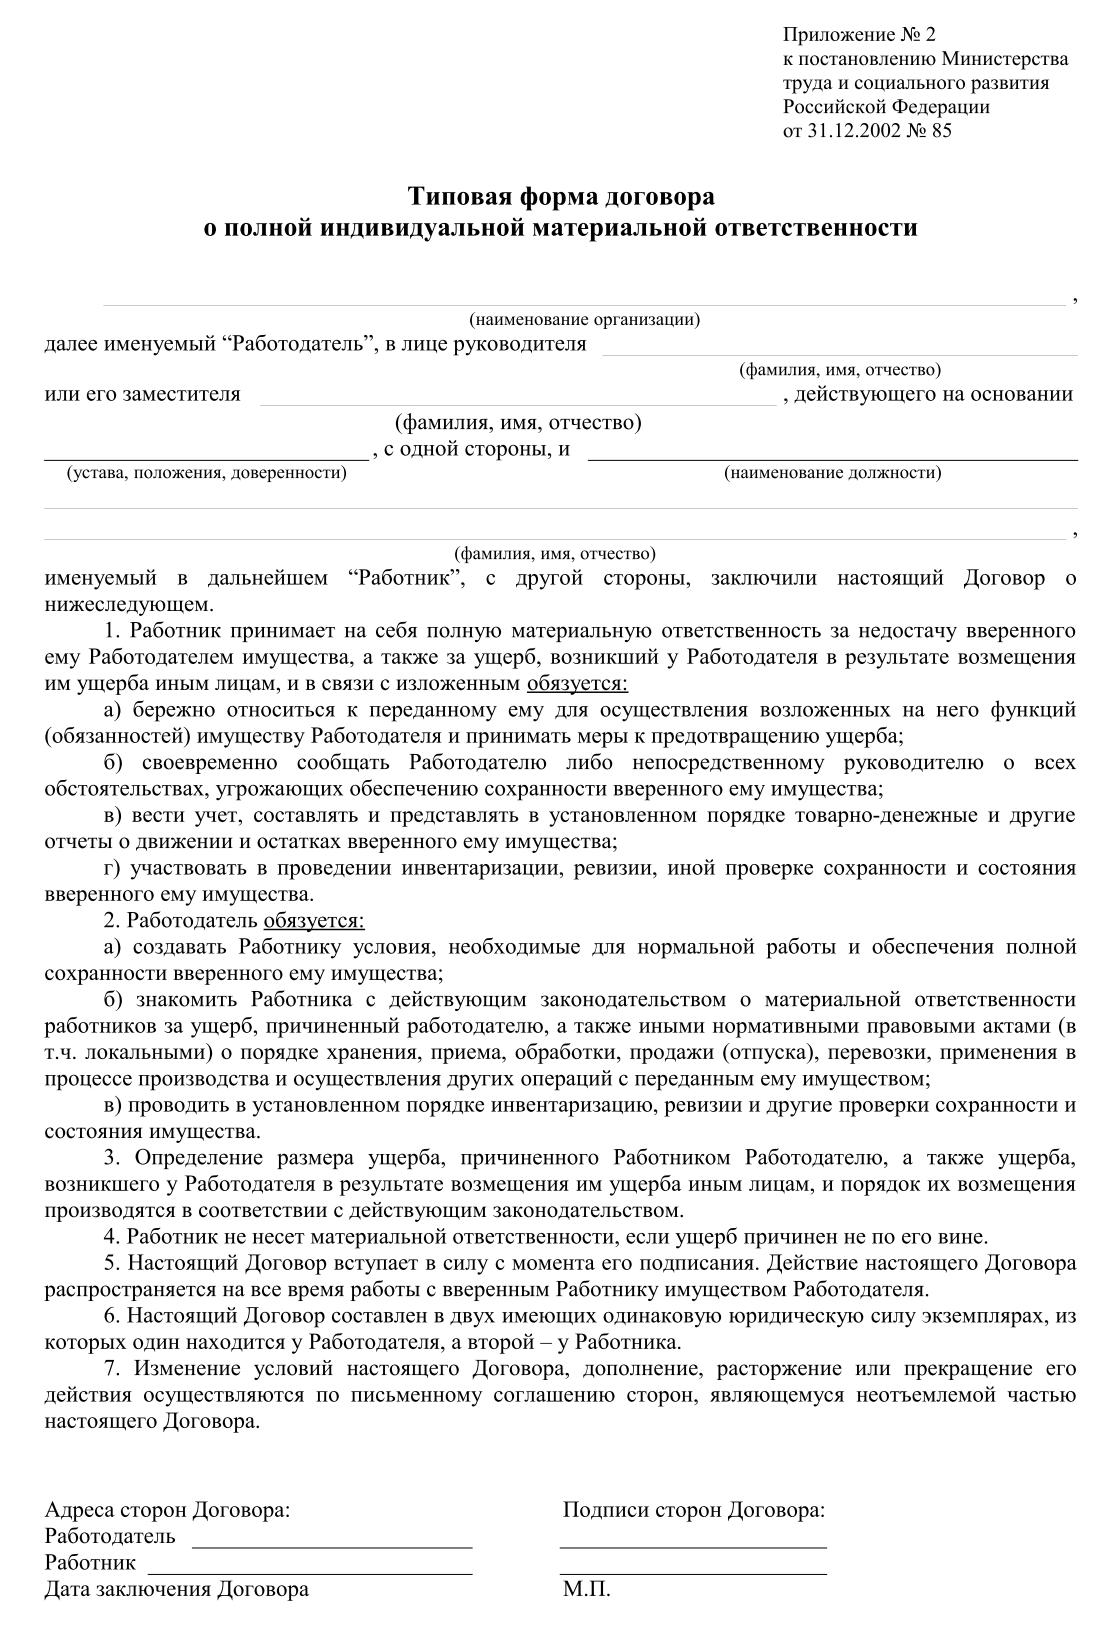 Образец приказа на прем передачу имущества